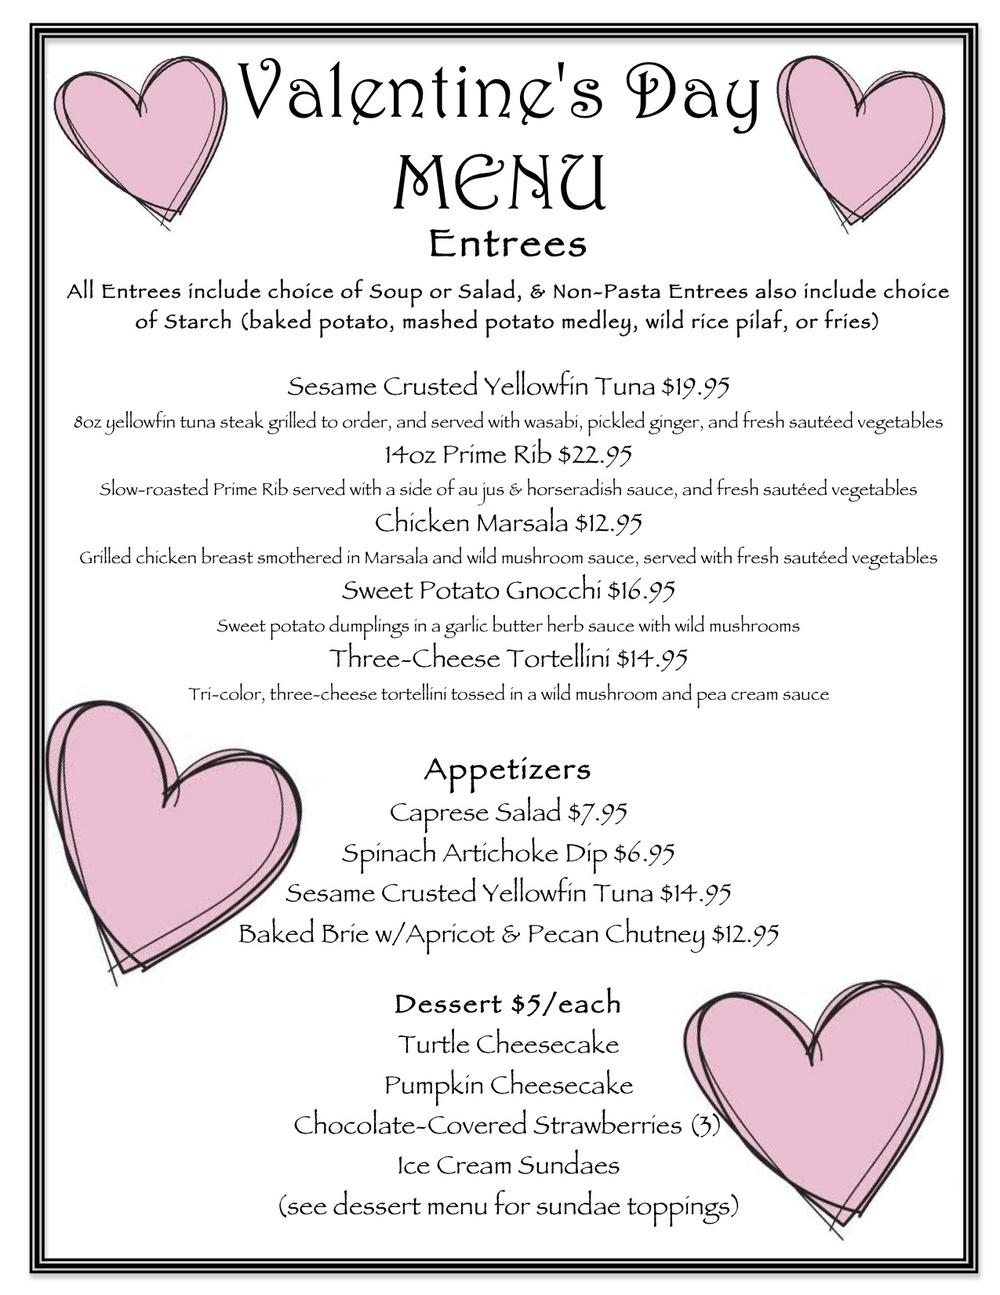 valentines menu14.jpg